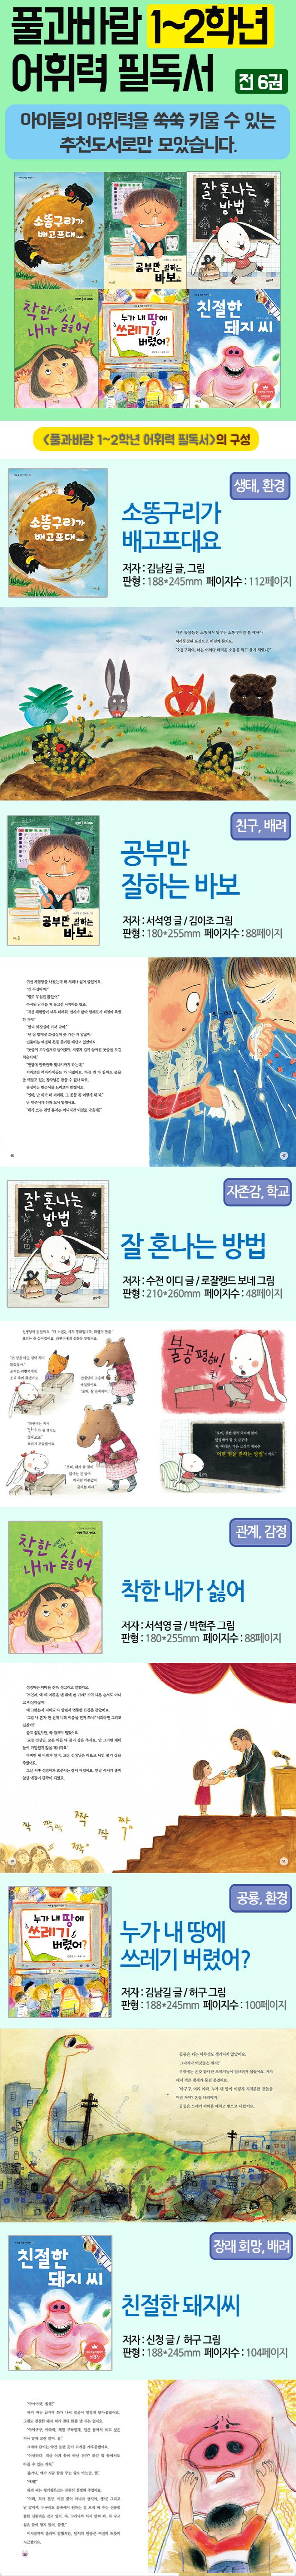 1-2학년 어휘력 필독서 세트(풀과바람)(전6권) 도서 상세이미지